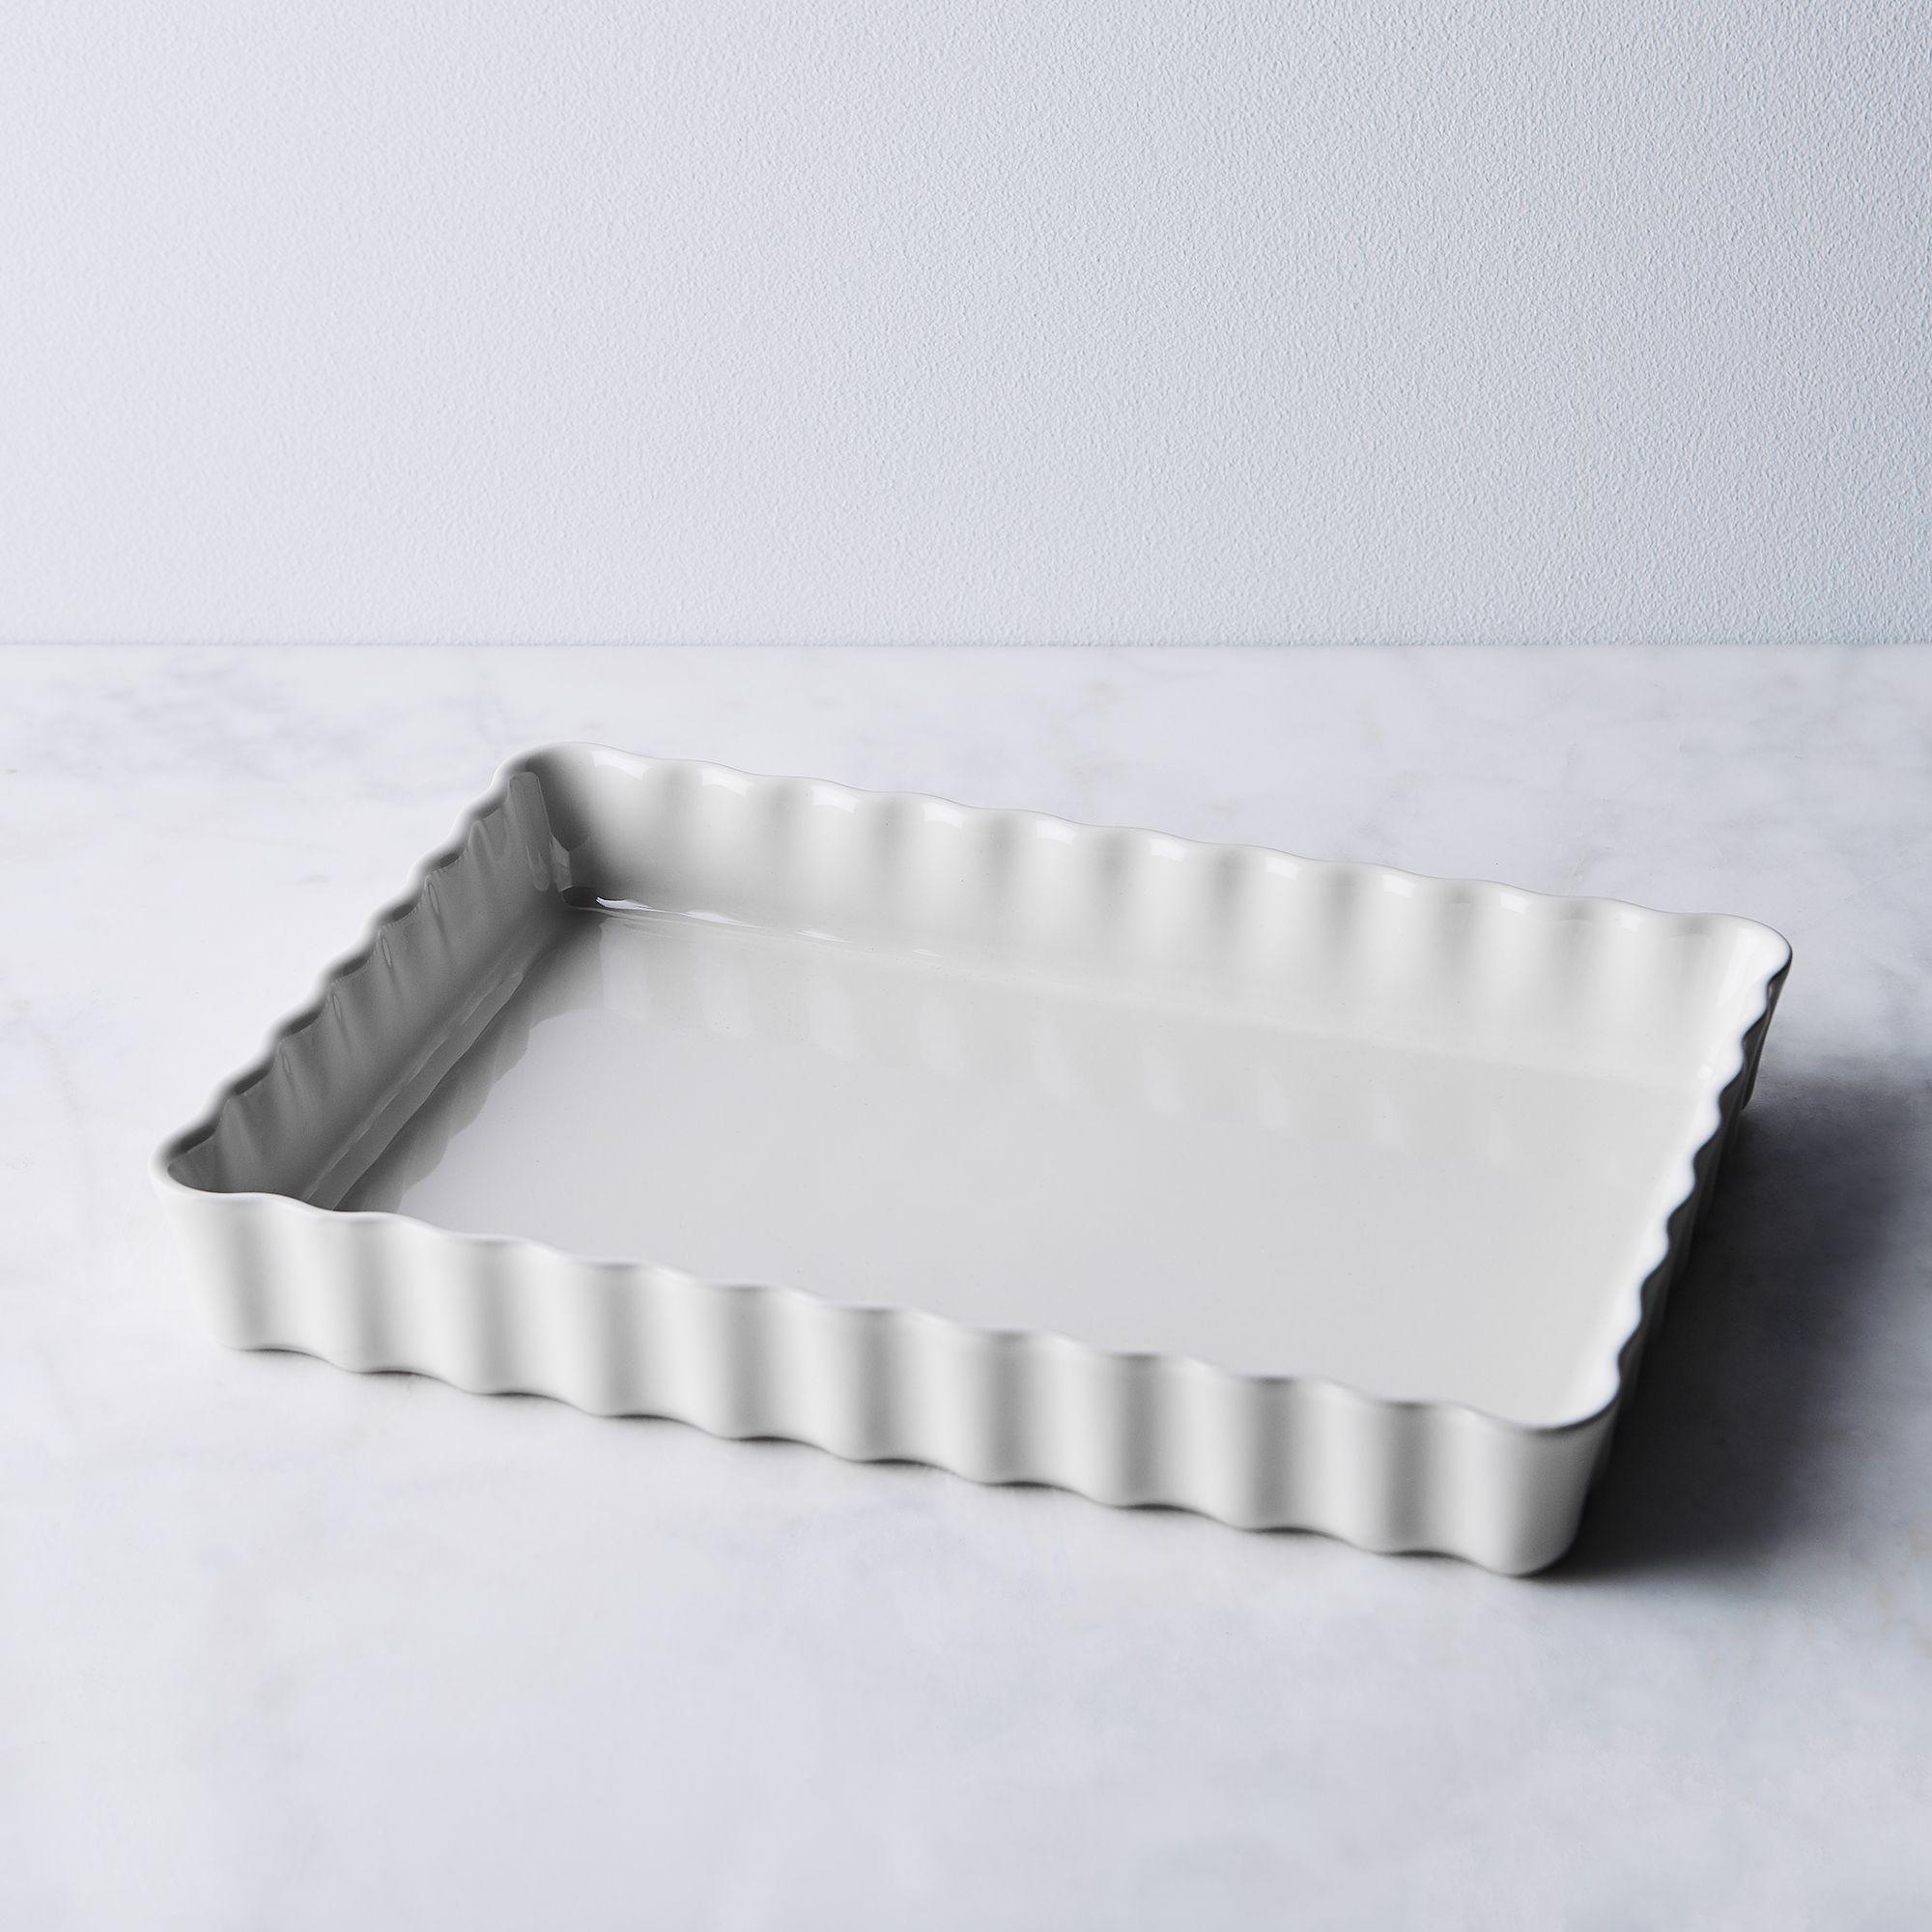 Bakeware by Aria Joyann